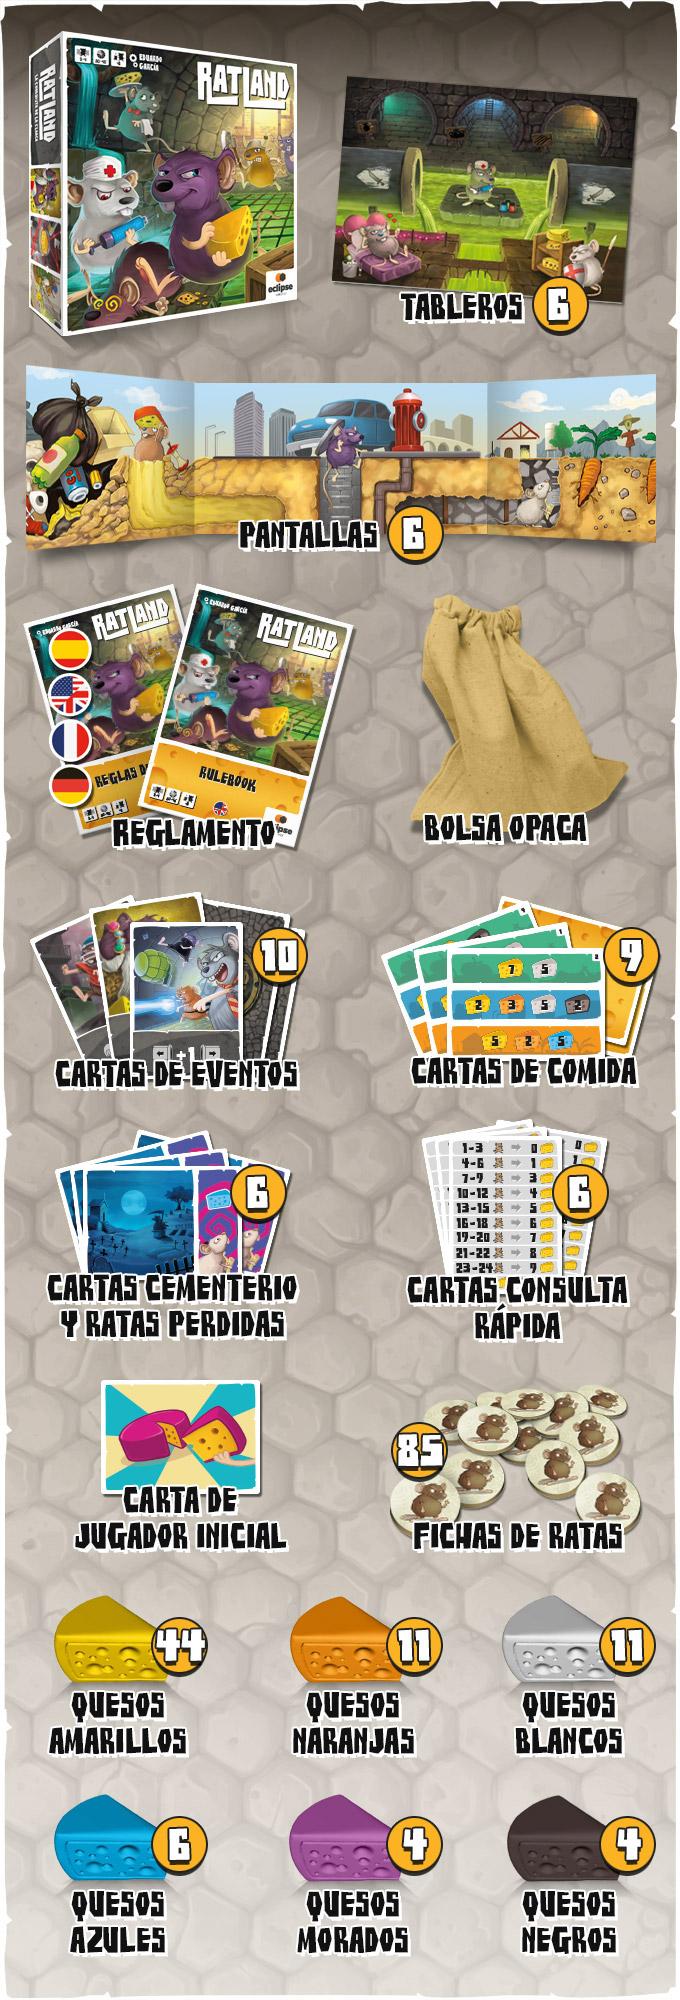 Componentes de Ratland: 6 Tableros, 6 pantallas de jugador, 32 cartas (10 Eventos, 10 de Comida, 6 de Cementerio y ratas perdidas, 6 cartas de consulta rápida y una carta de jugador inicial), 85 fichas de ratas, 80 quesos plásticos de colores (44 amarillos, 11 naranjas, 11 blancos, 6 azules, 4 morados y 4 negros), 1 bolsa de tela y Reglamento en 4 idiomas (Castellano, inglés, francés y alemán)